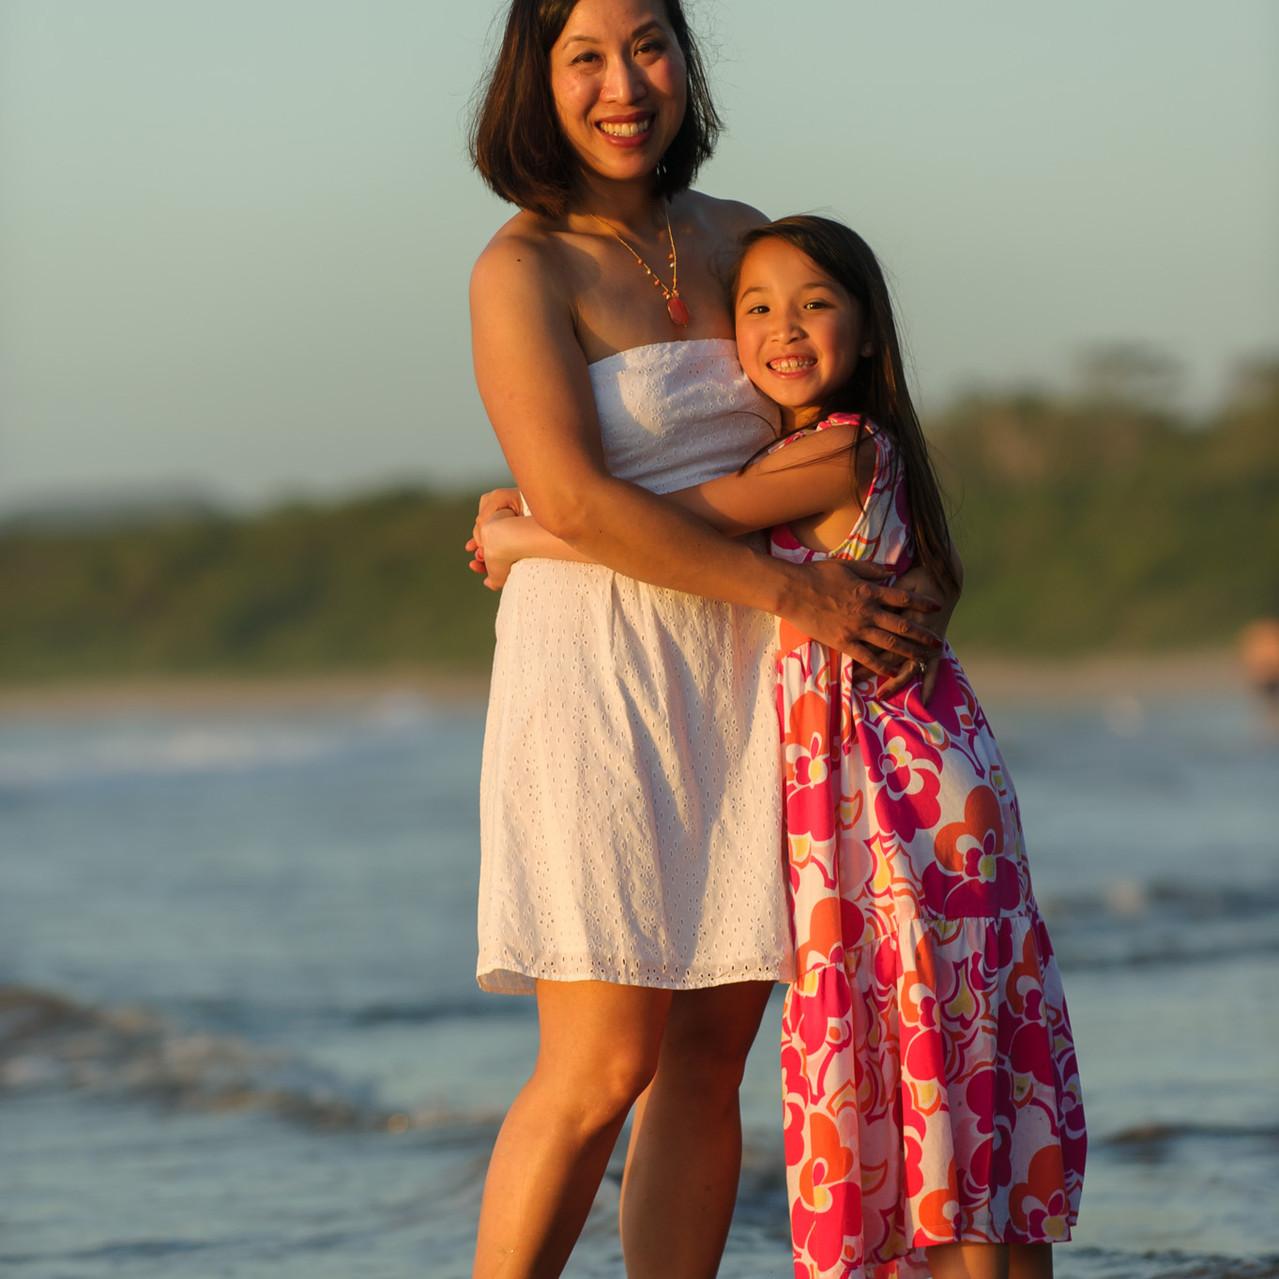 Hugs and smiles on the beach at Hacienda Pinilla